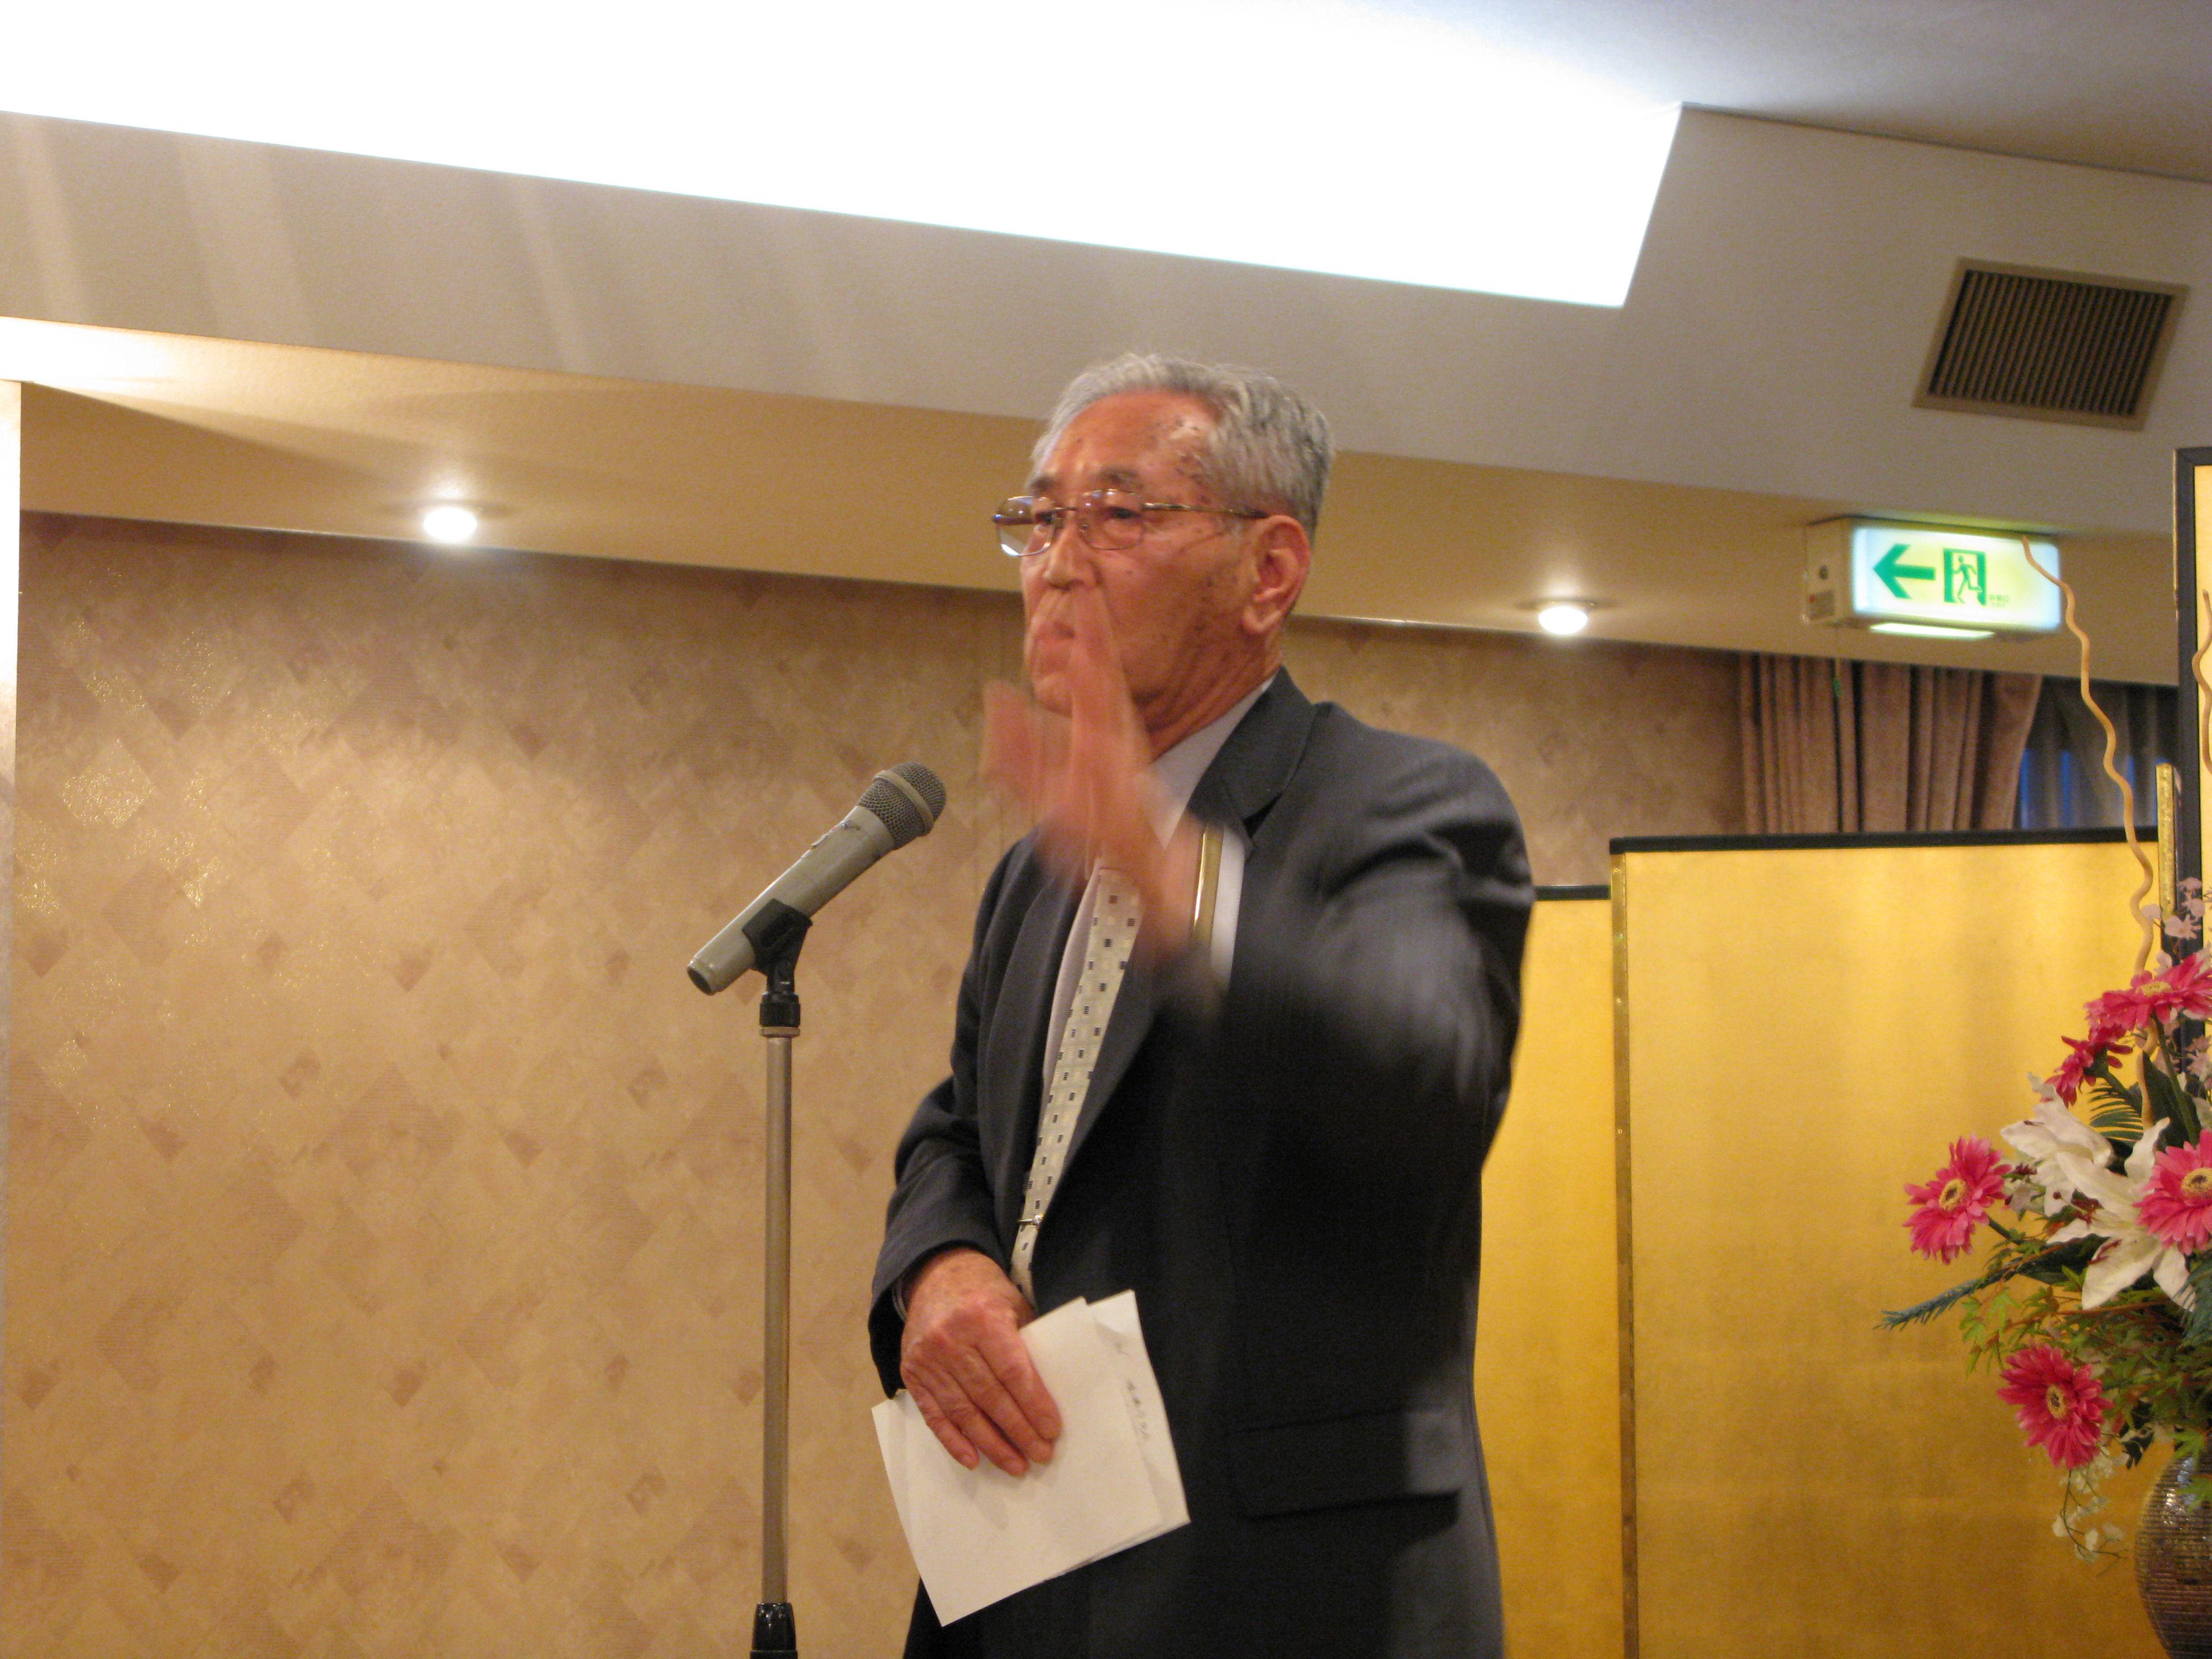 松原 茂 先生のコーナー : 奈良教育大学附属小学校・松原学級Blog